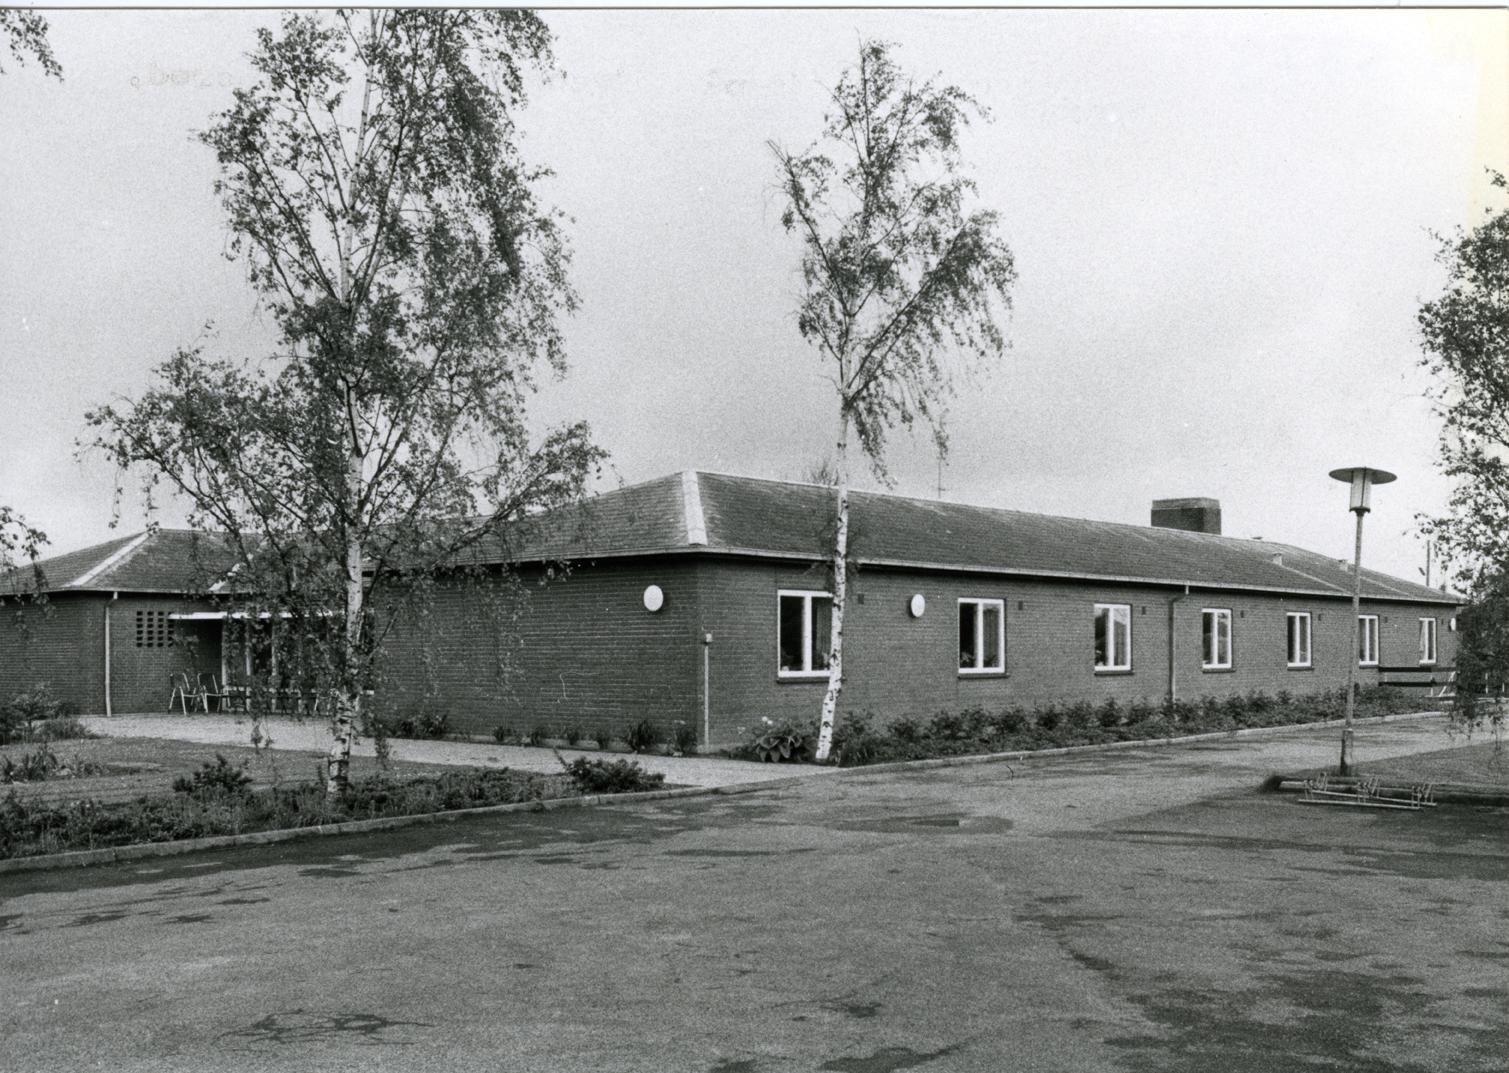 Billede 8 Ugerløse Plejehjem på Østrupvej. Foto dateret 1983 Foto: Per Jensen Sjællands Tidende